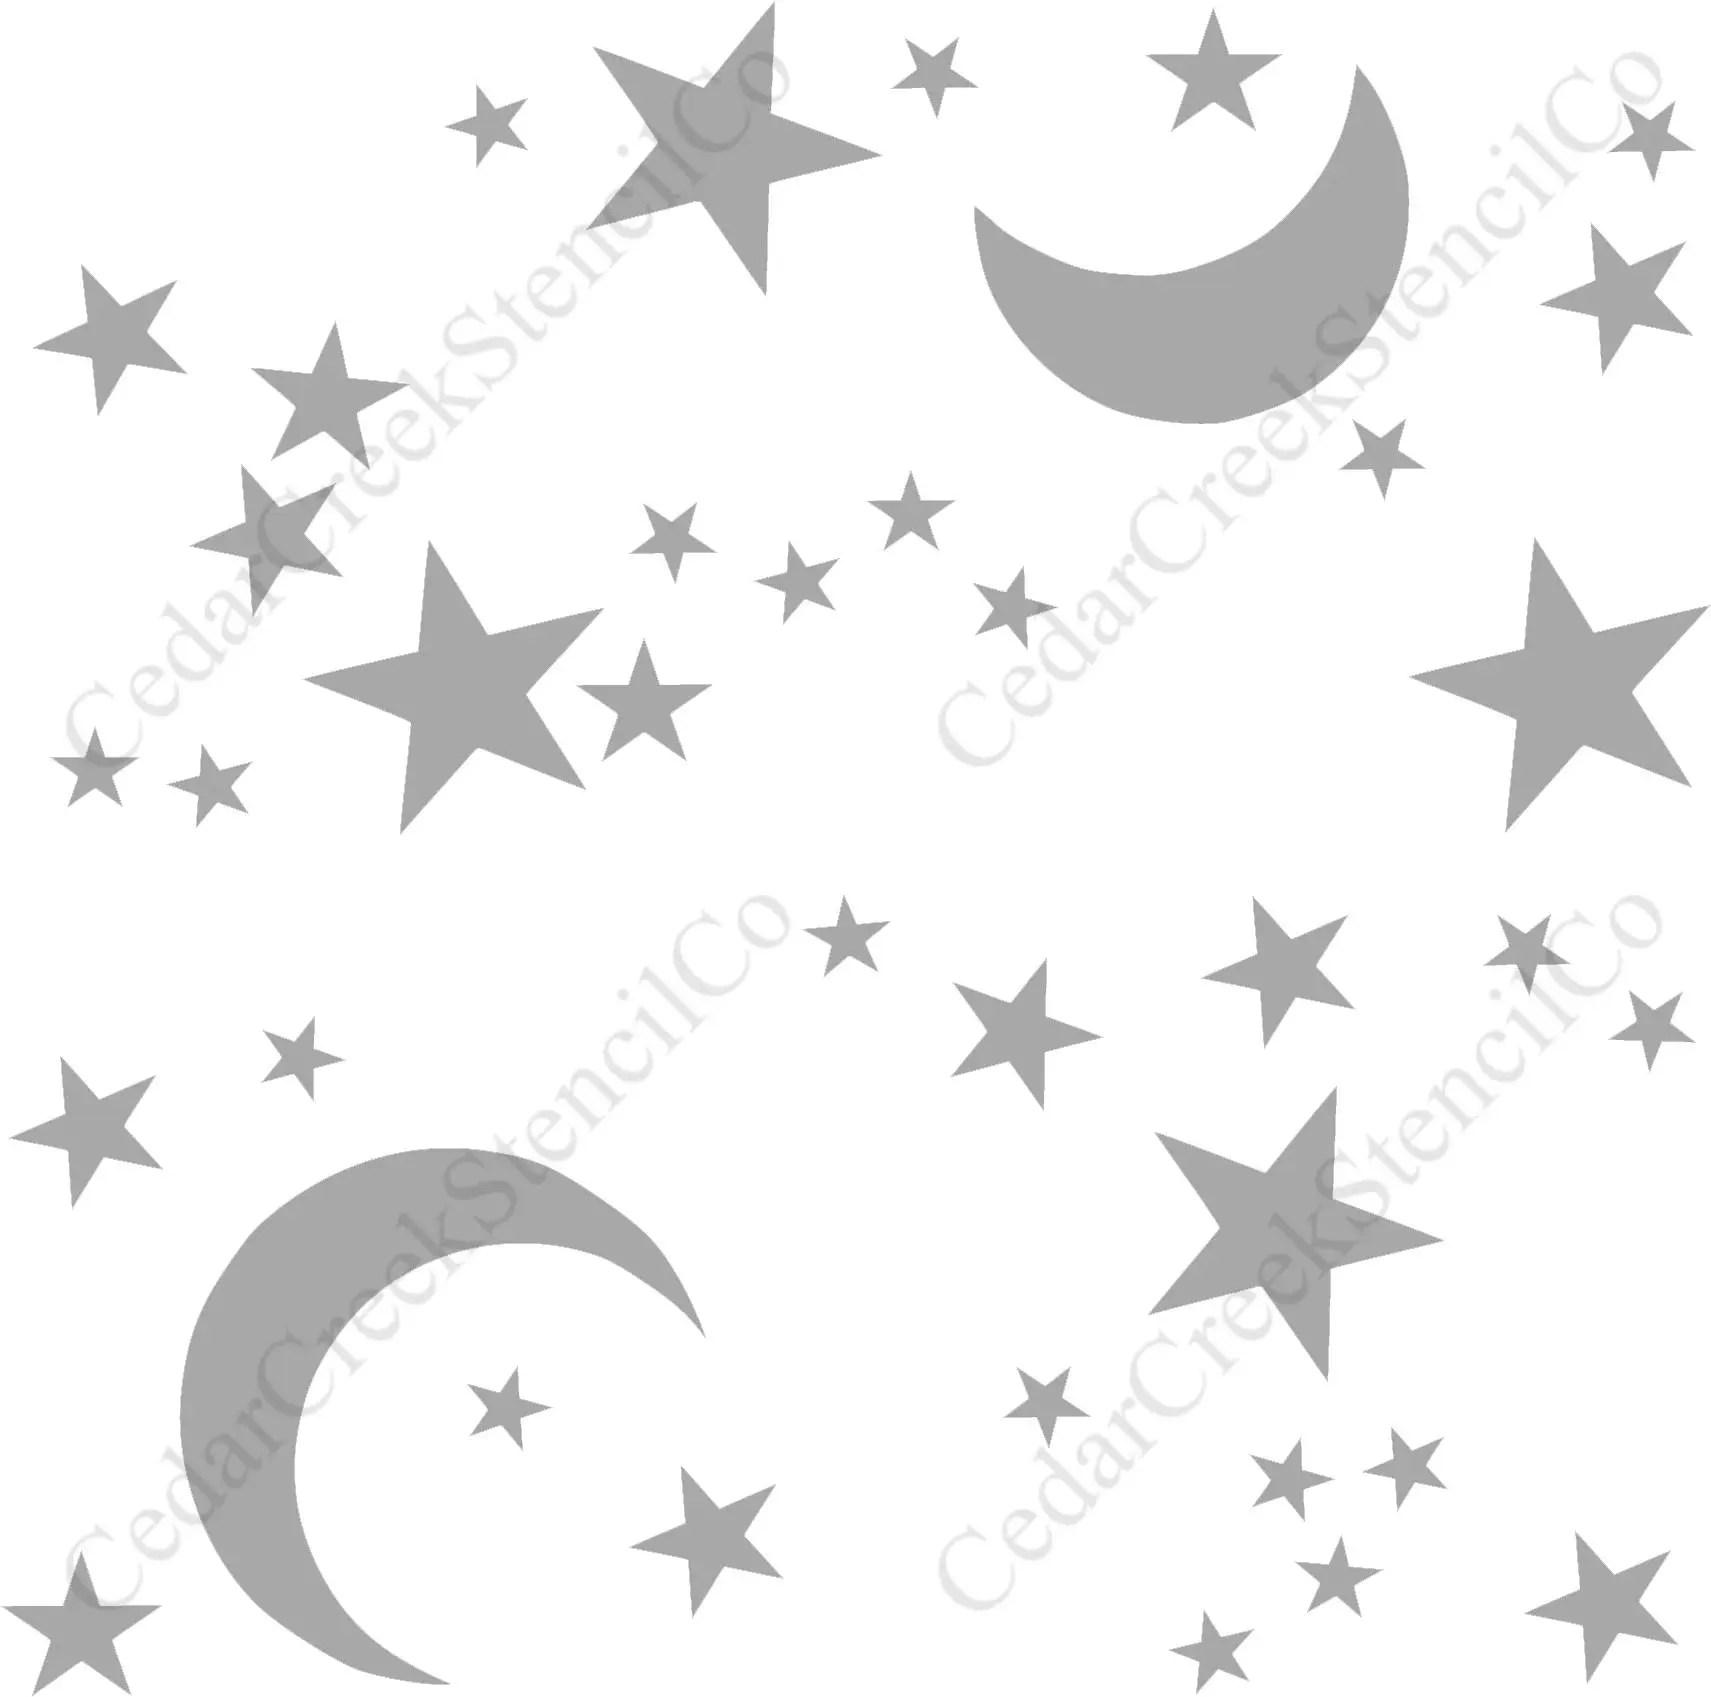 Star And Moon Pattern Stencil Moon Stencil Star Stencil